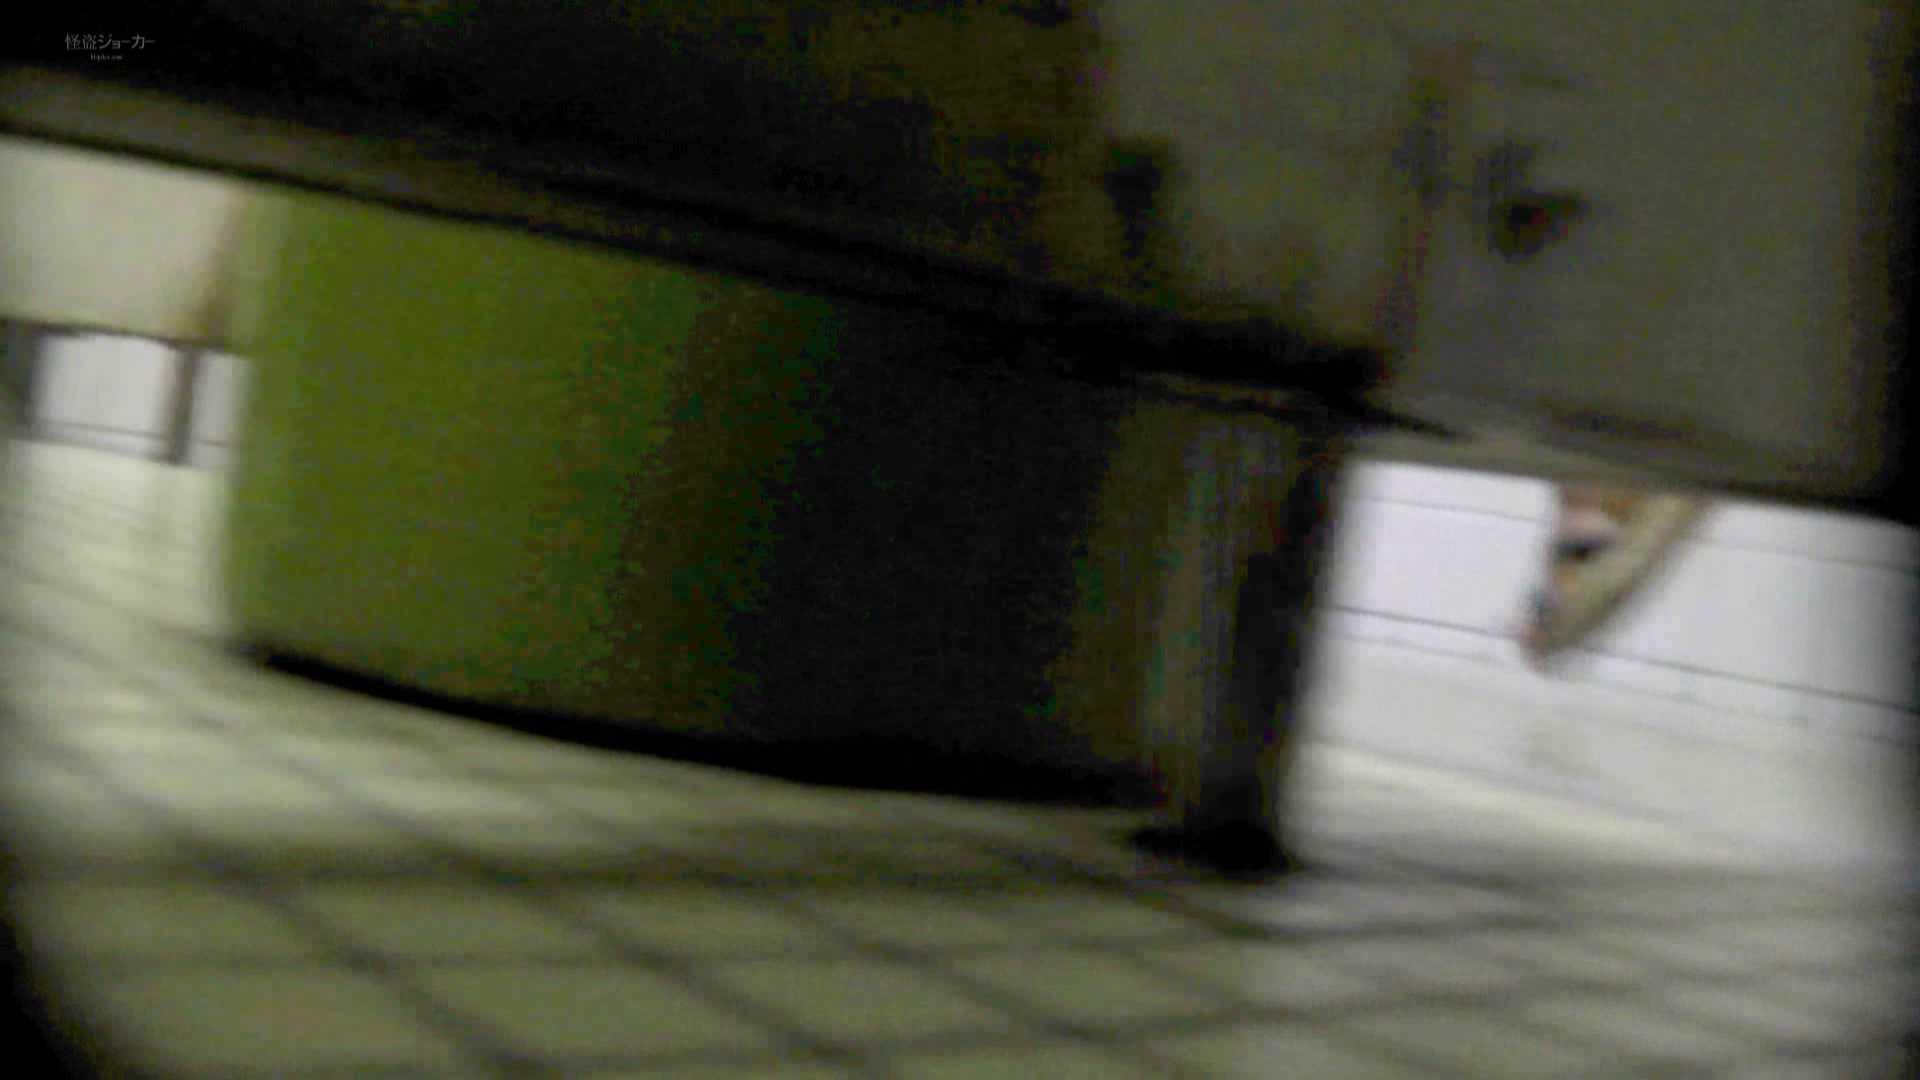 【潜入トイレ盗撮】洗面所特攻隊 vol.70 極上品の連続、歌いながら美女入室 高画質 濡れ場動画紹介 97画像 66